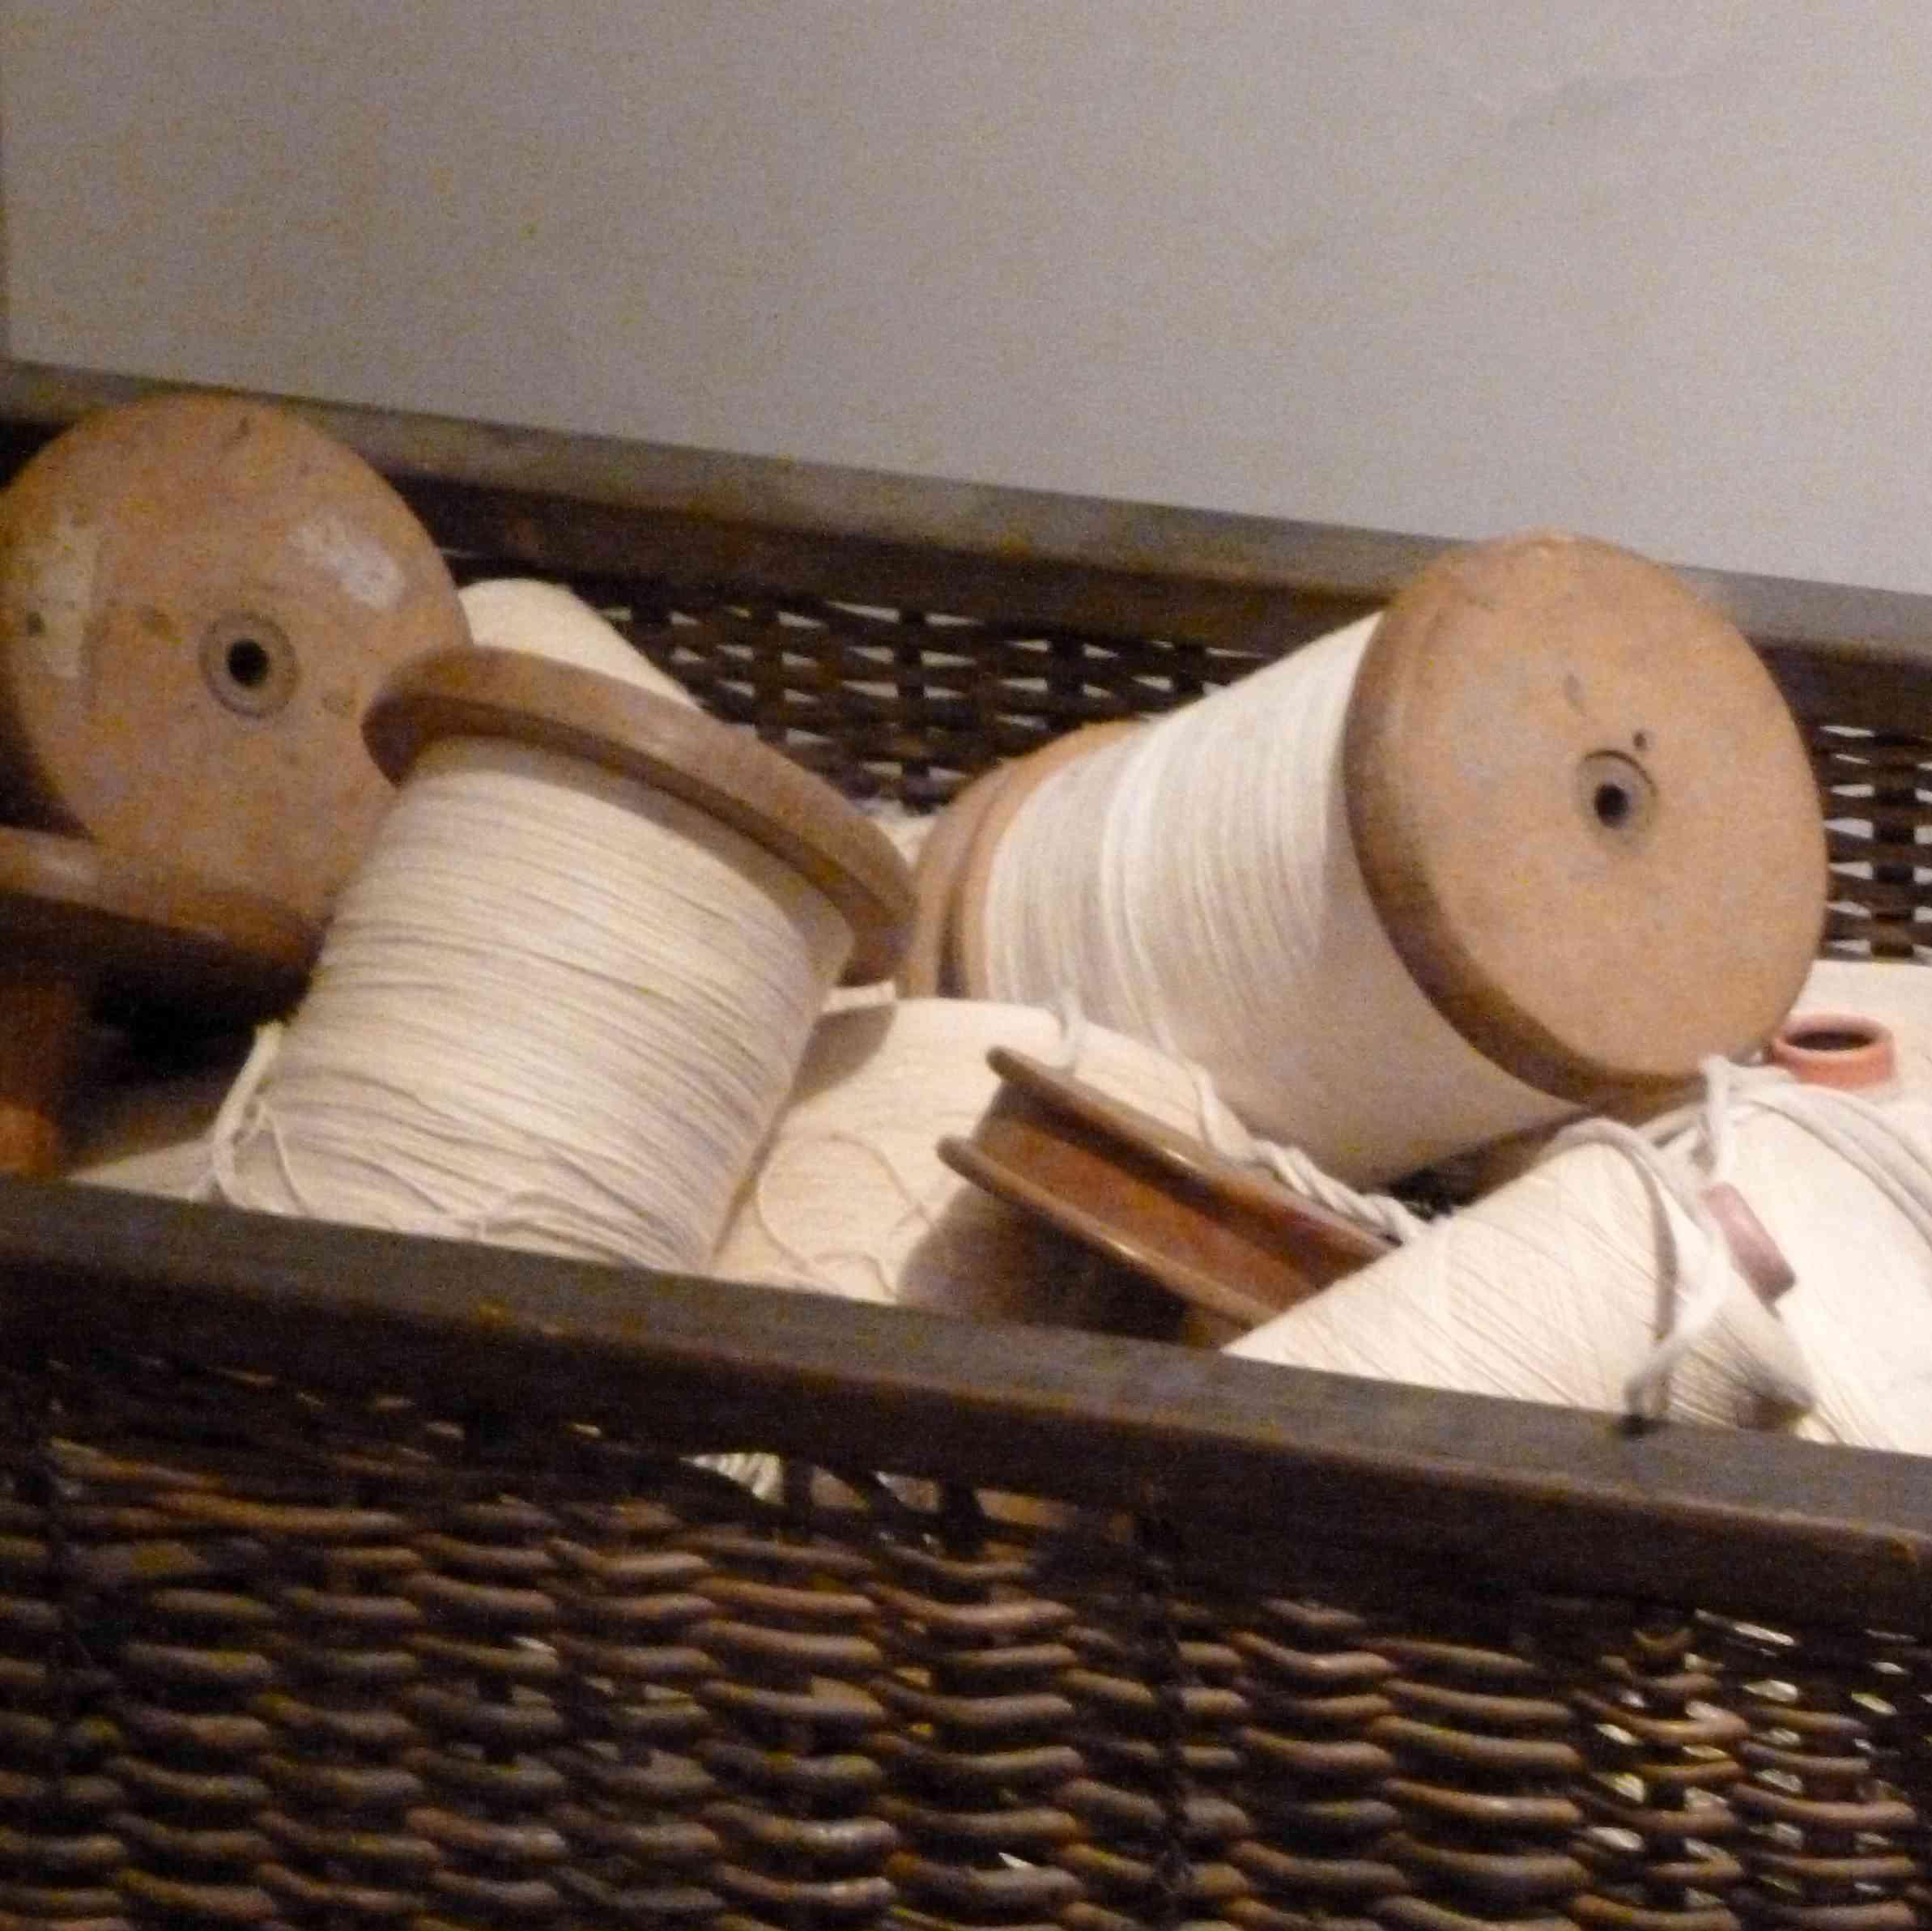 industrie-textile-bobines-dans-panier-Guise